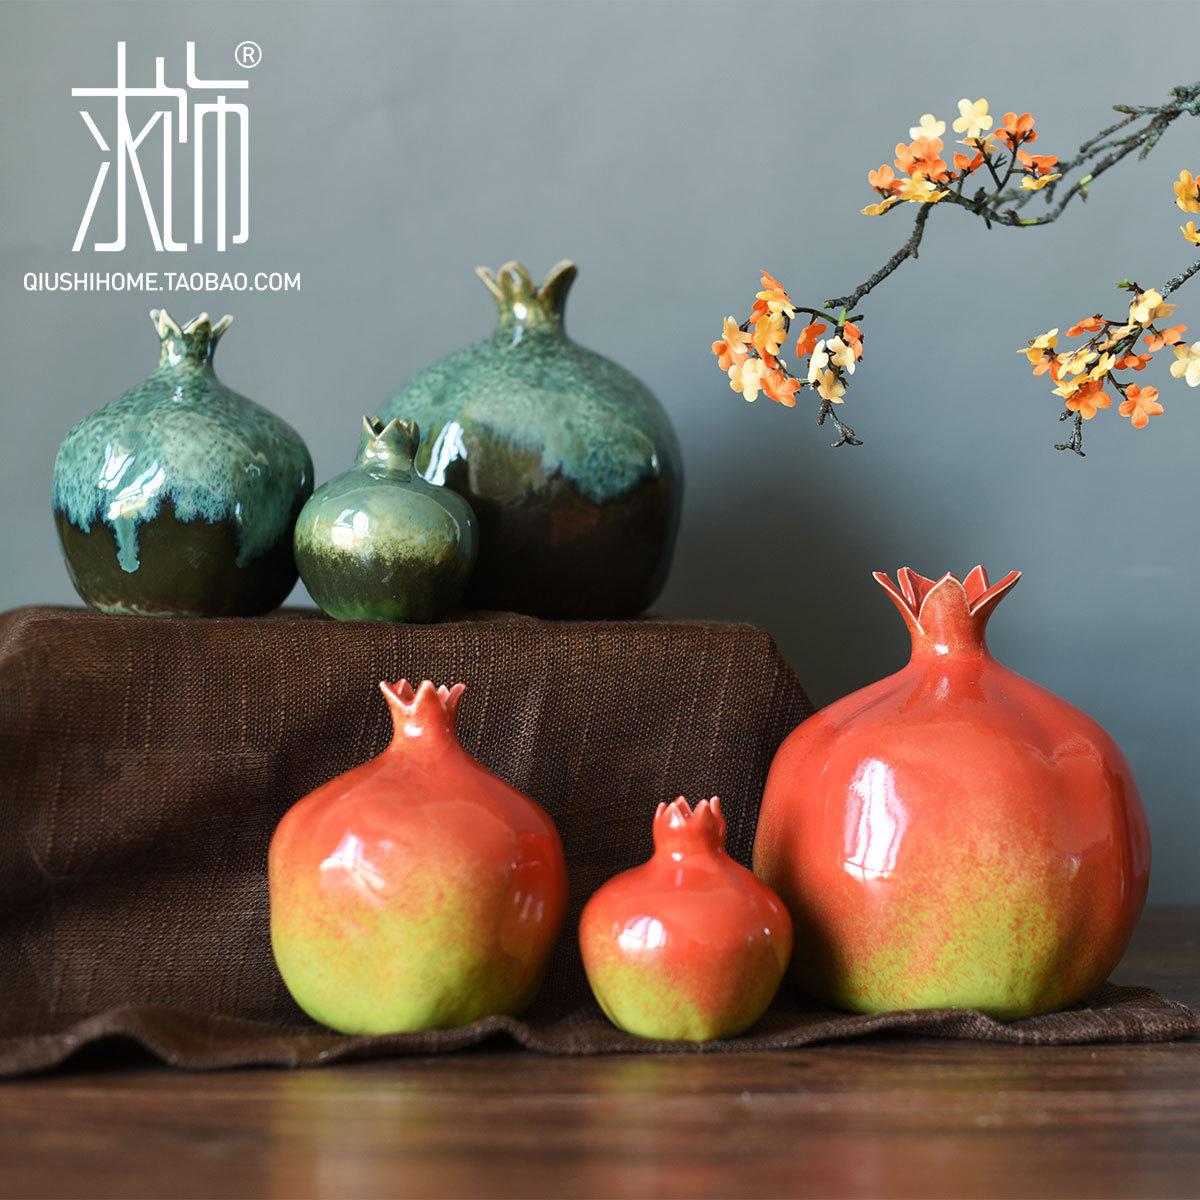 求饰 仿生定制 陶瓷石榴新结婚礼物客厅创意摆件家居装饰品工艺品